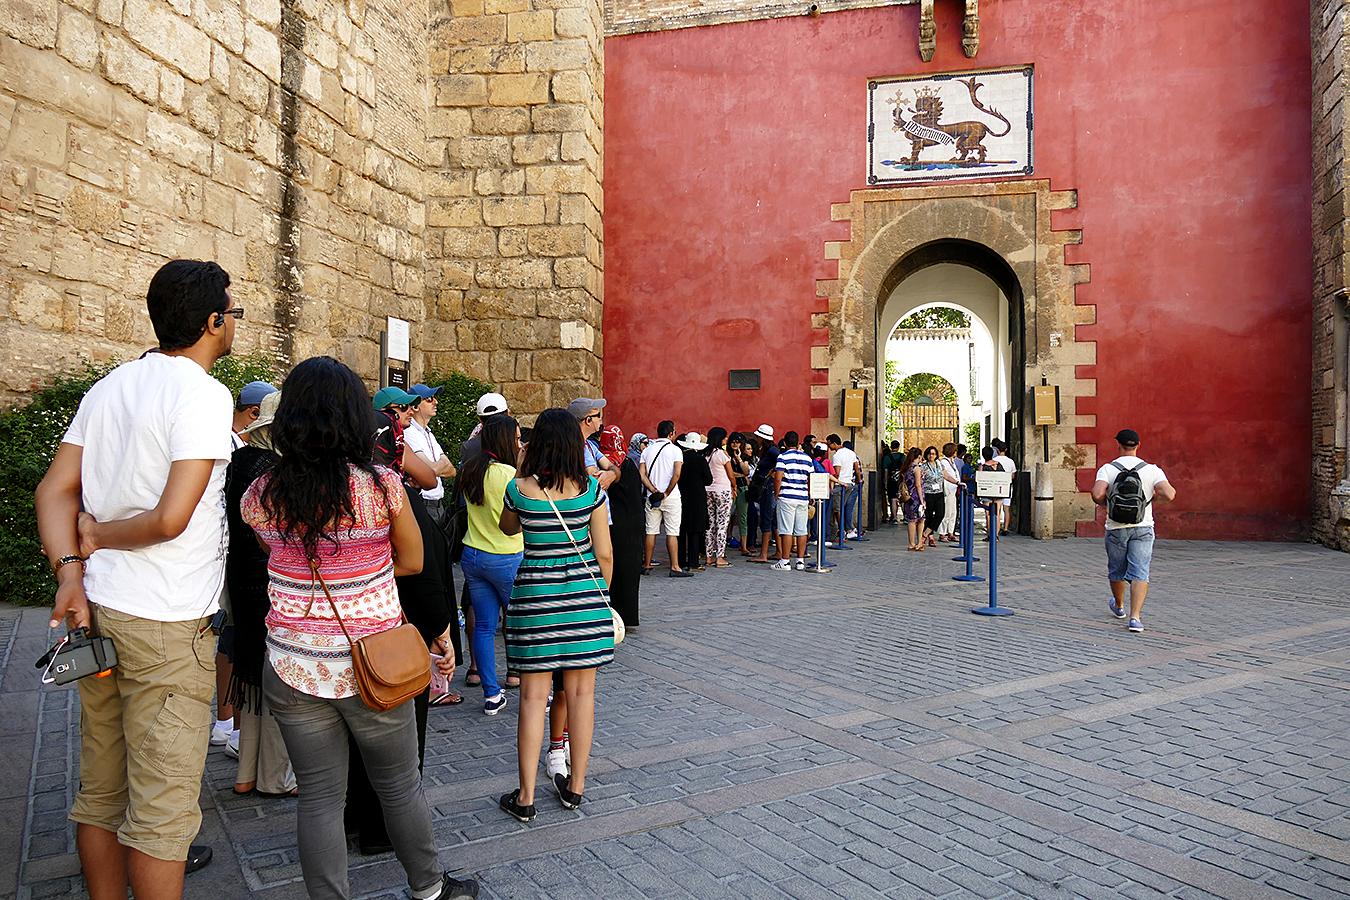 turistas entrada real alcazar